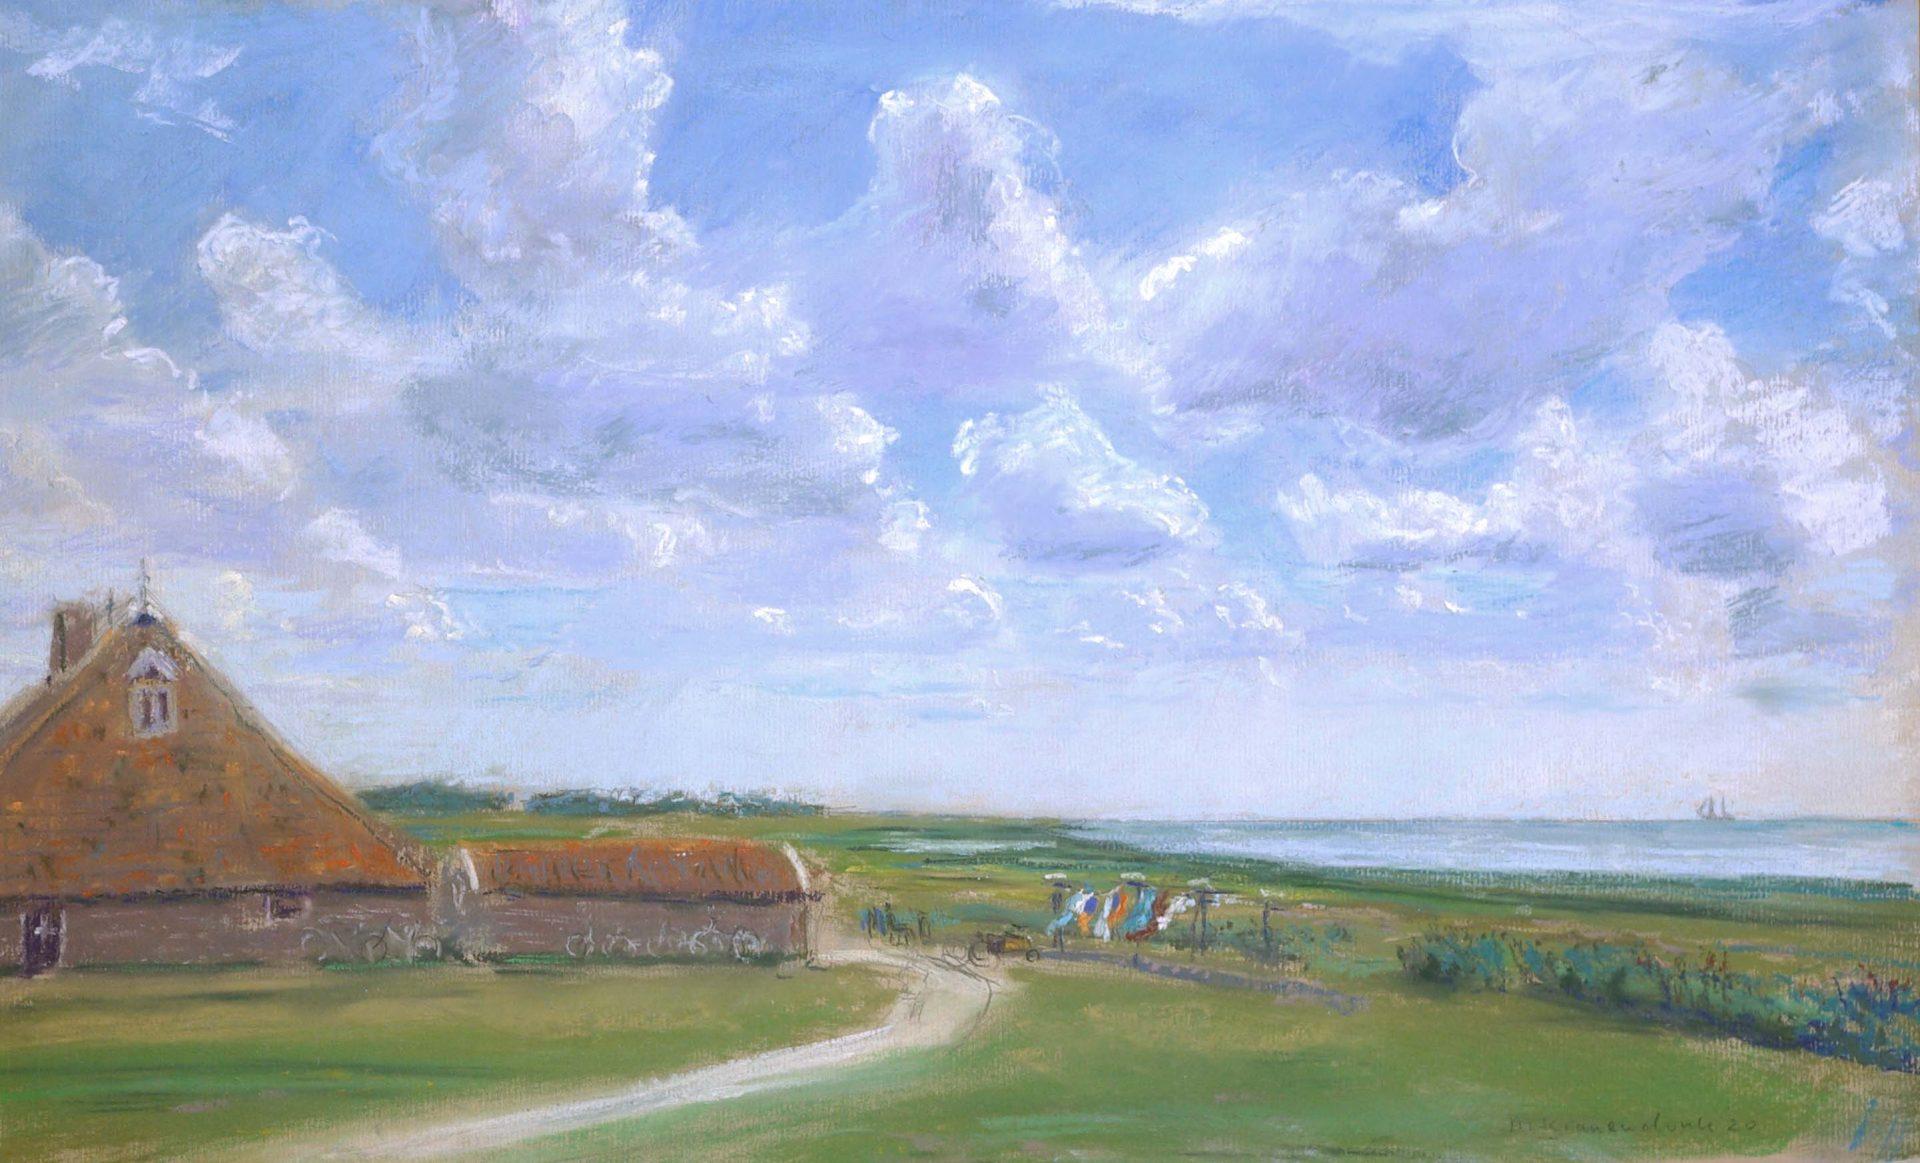 Schilderij van Wierschuur op Terschelling ,Boschplaat en Waddenzee erachter, realisme